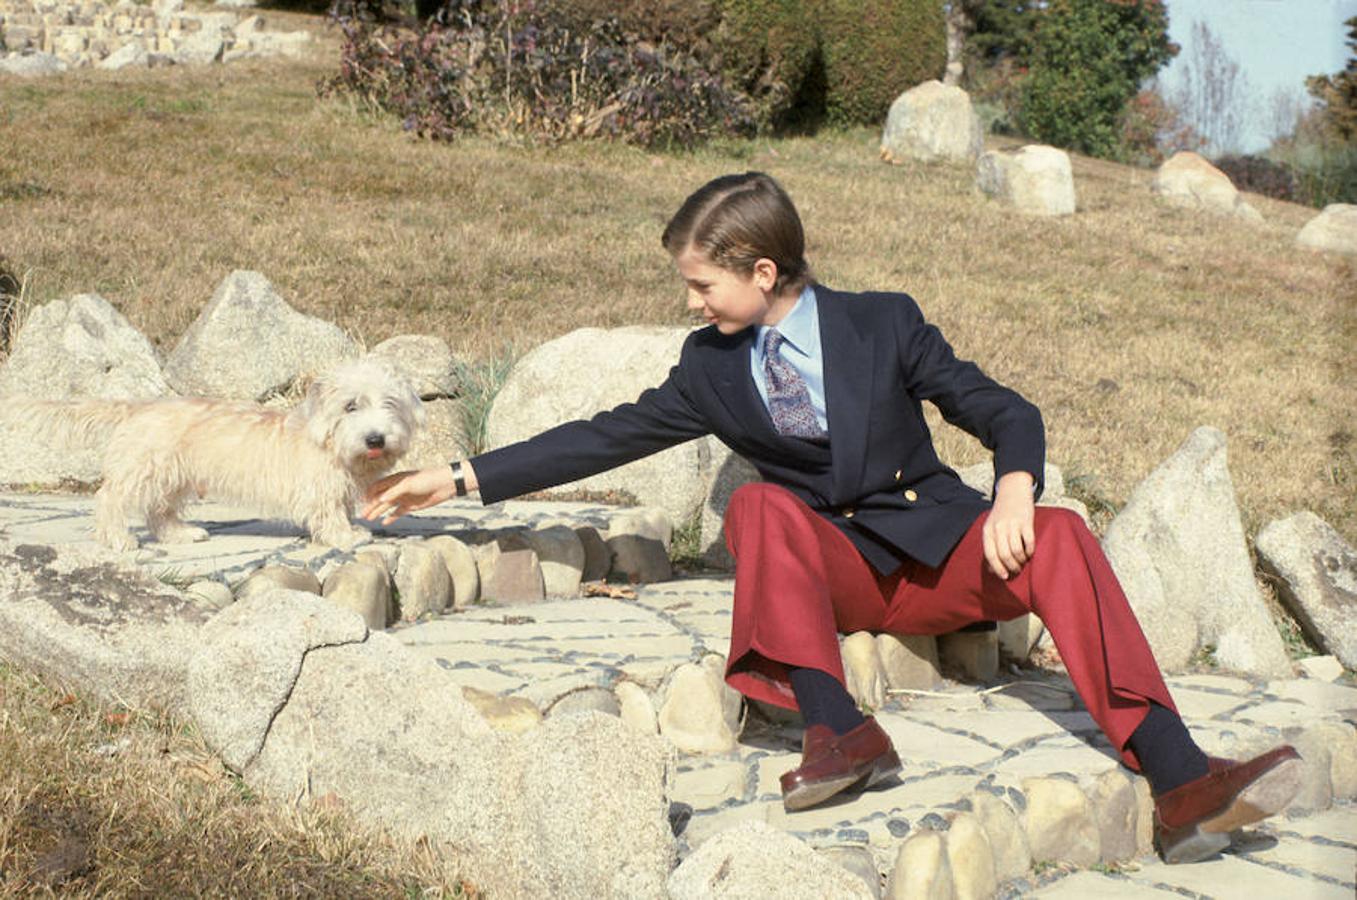 El Rey Felipe VI ha tenido numerosas mascotas a lo largo de su vida: «Pushkin», un perro de raza schnauzer, «Pinqui», «Balú», y un descendiente de «Pushkin» han sido algunas de ellas